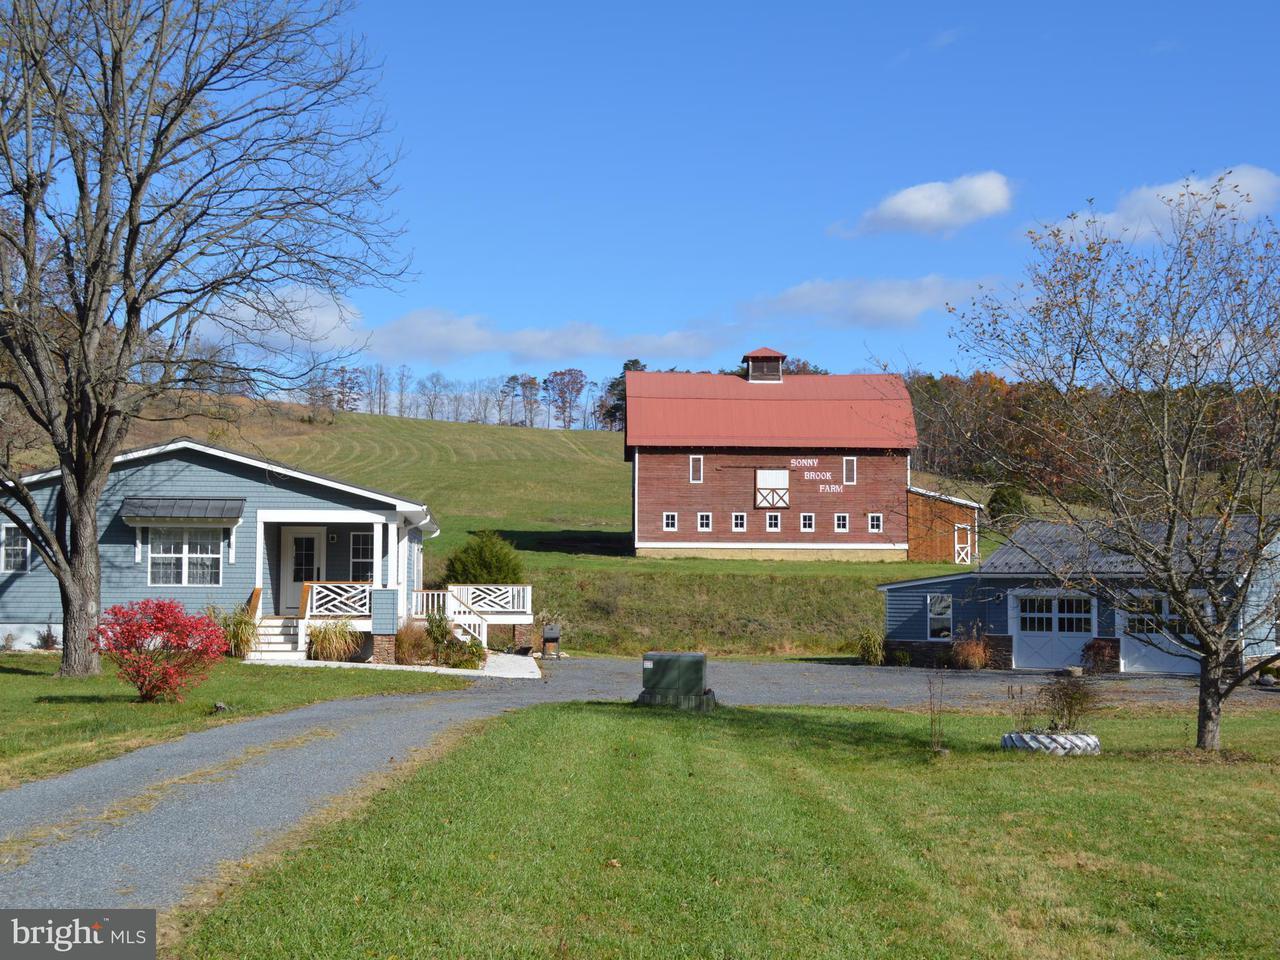 农场 为 销售 在 8783 FRANKFORT HWY 8783 FRANKFORT HWY Fort Ashby, 西弗吉尼亚州 26719 美国